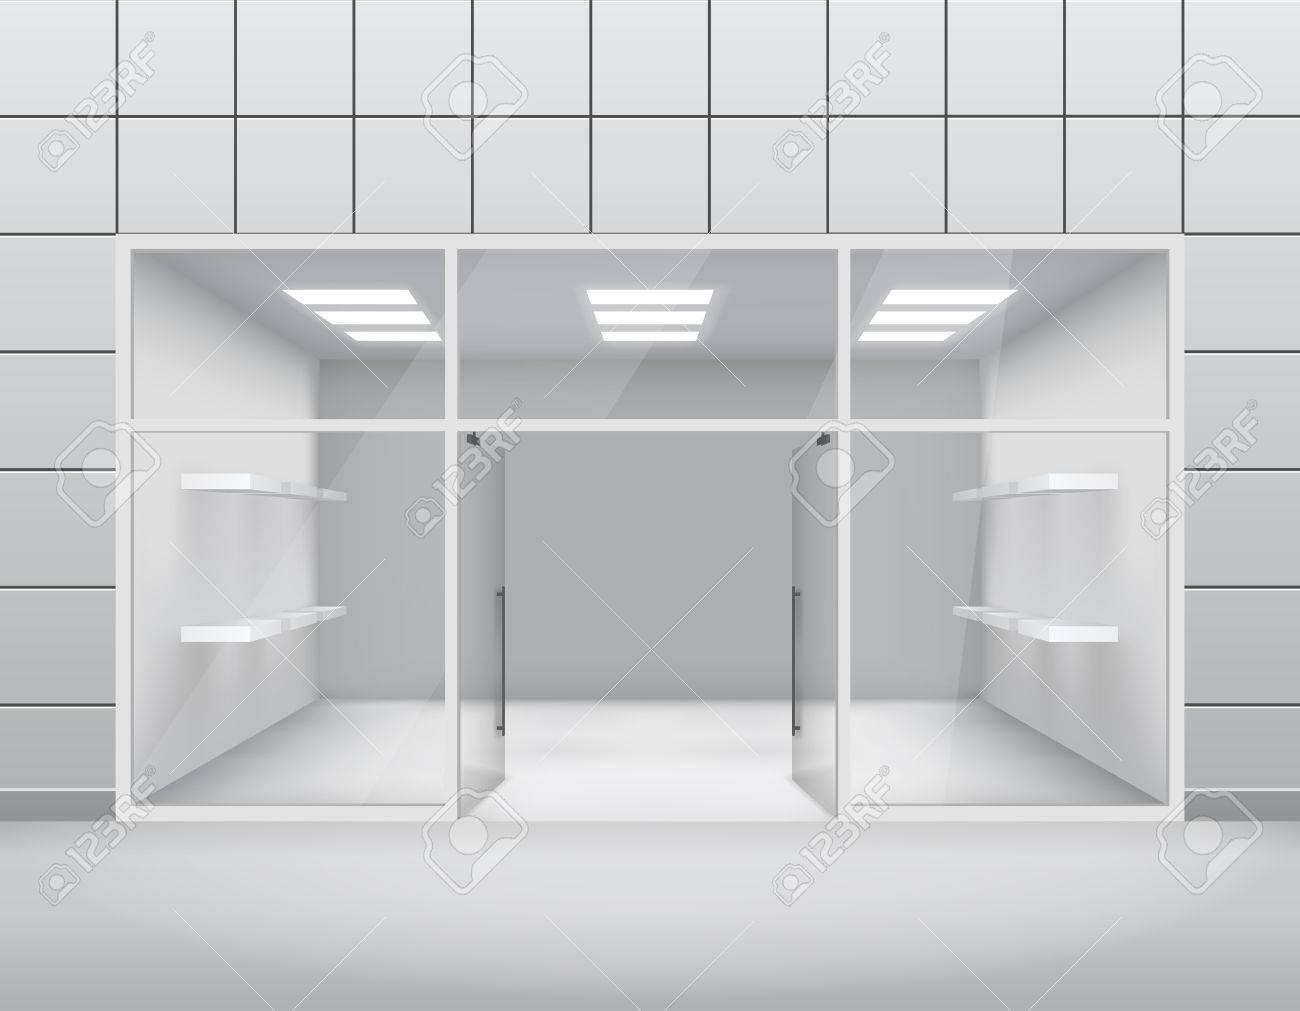 Leere Ladenfront Boutique Fenster öffnen Tür 3D Vorlage Illustration ...